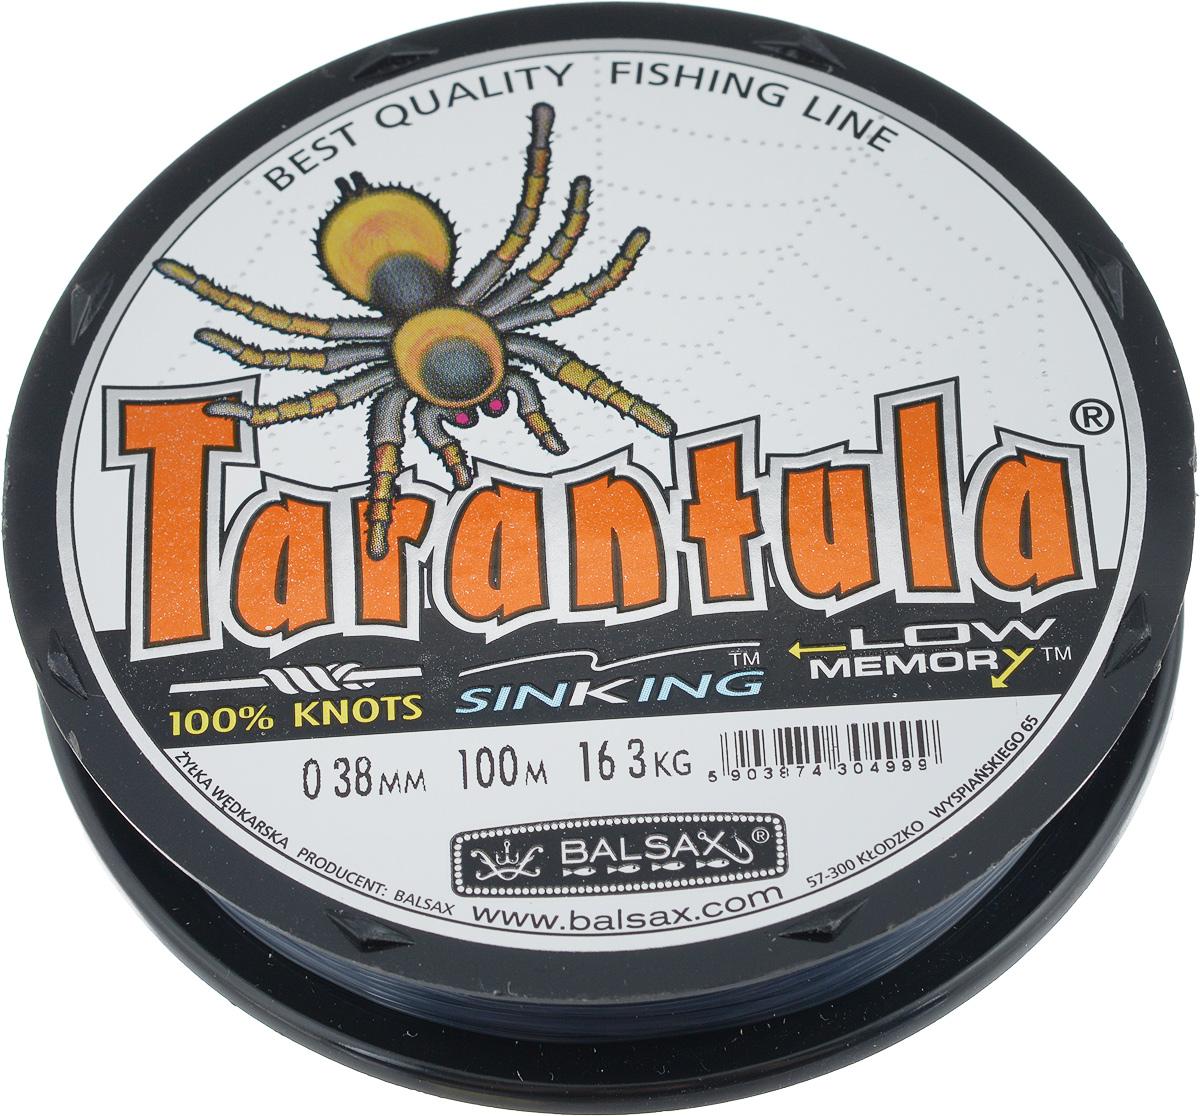 Леска Balsax Tarantula, 100 м, 0,38 мм, 16,3 кг304-10028Леска Balsax Tarantula выполнена из нейлоновой рибозы с покрытием из тефлона. Новая молекулярная структура лески отличается повышенной сопротивляемостью к разрыву, но при этом она способна и растягиваться. Растяжимость в случае применения этой лески является отличным достоинством, особенно во время энергичной борьбы с рыбой, как амортизатор защищая оснастку от обрыва.